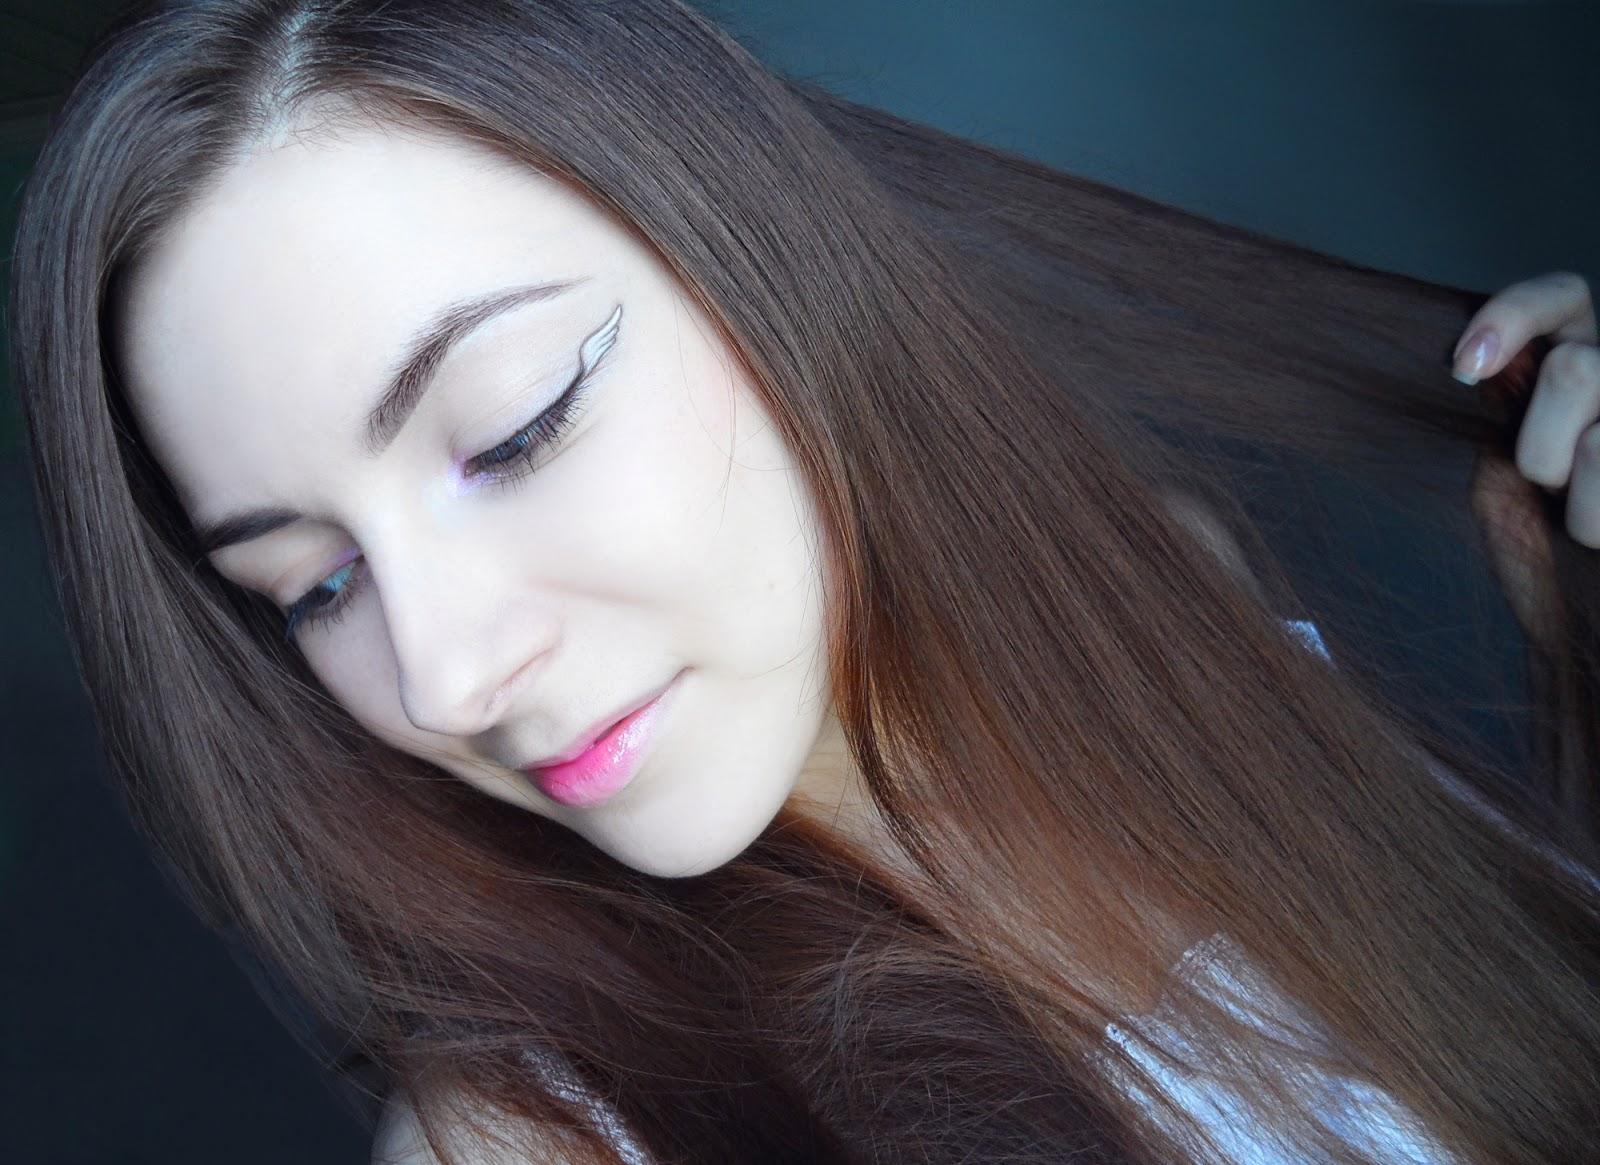 beauty angel blogger liz breygel sweet angel wing eyeliner style step by step makeup look tutorial